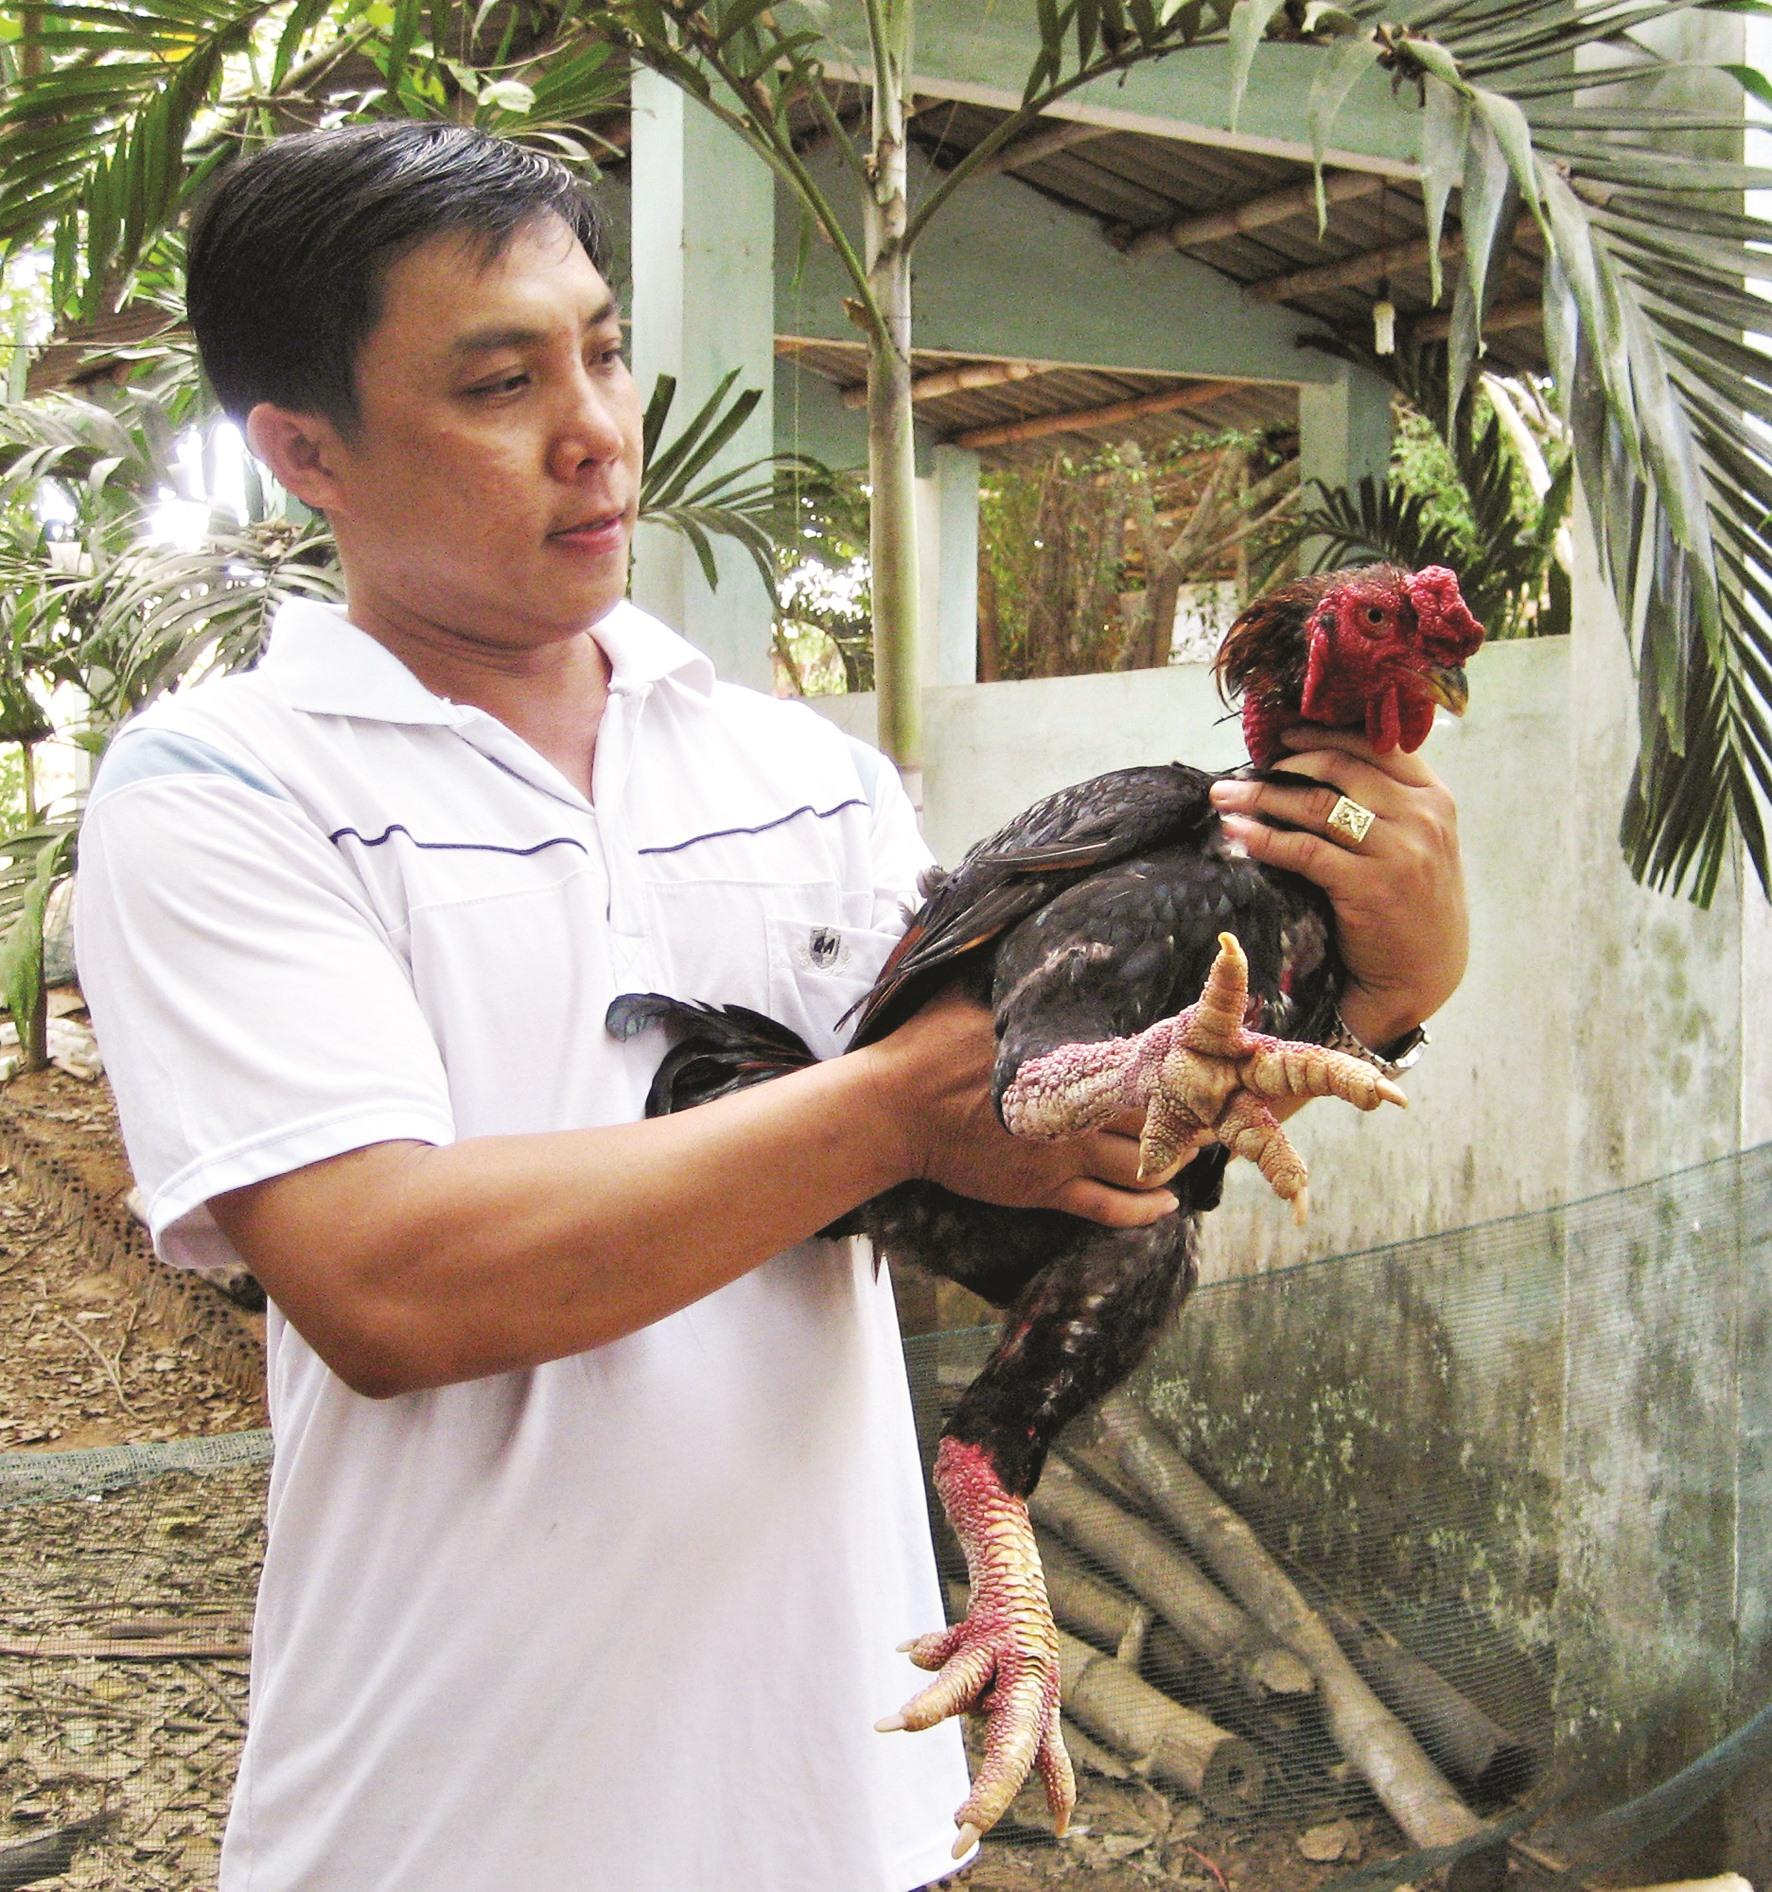 Sau nhiều lần thất bại, anh Nguyễn Thanh Tuấn đã bước đầu thành công trên con đường khởi nghiệp. Ảnh: A.Đ